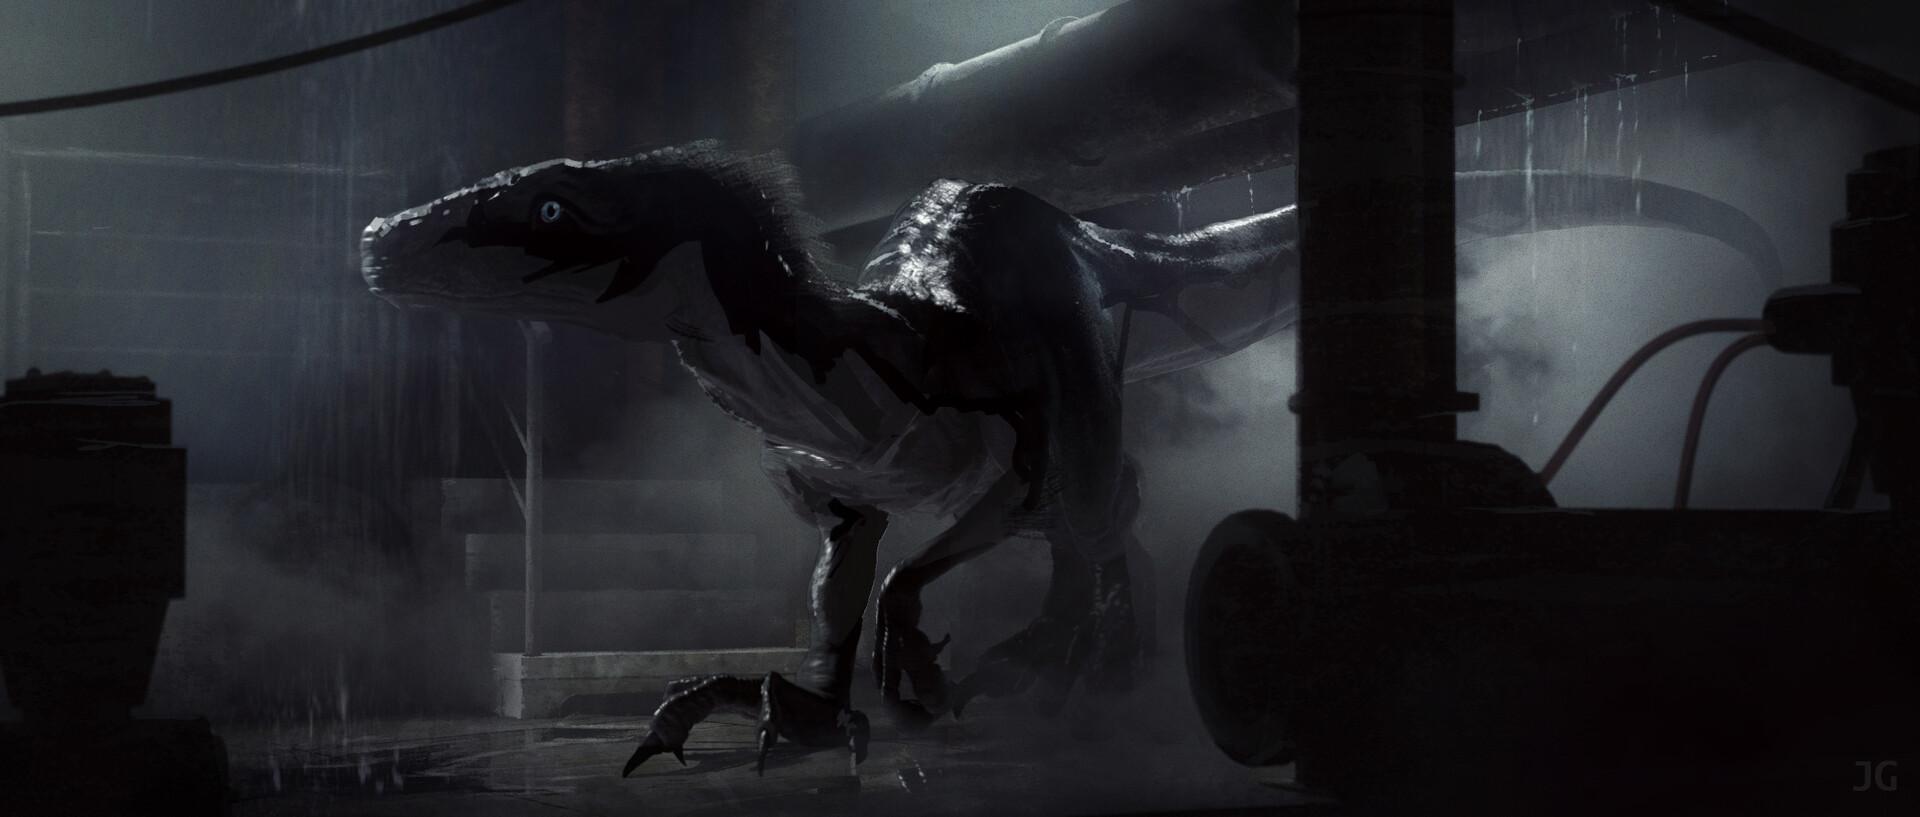 julien-gauthier-af-indoraptor-v014-001-jg.jpg?1598039828